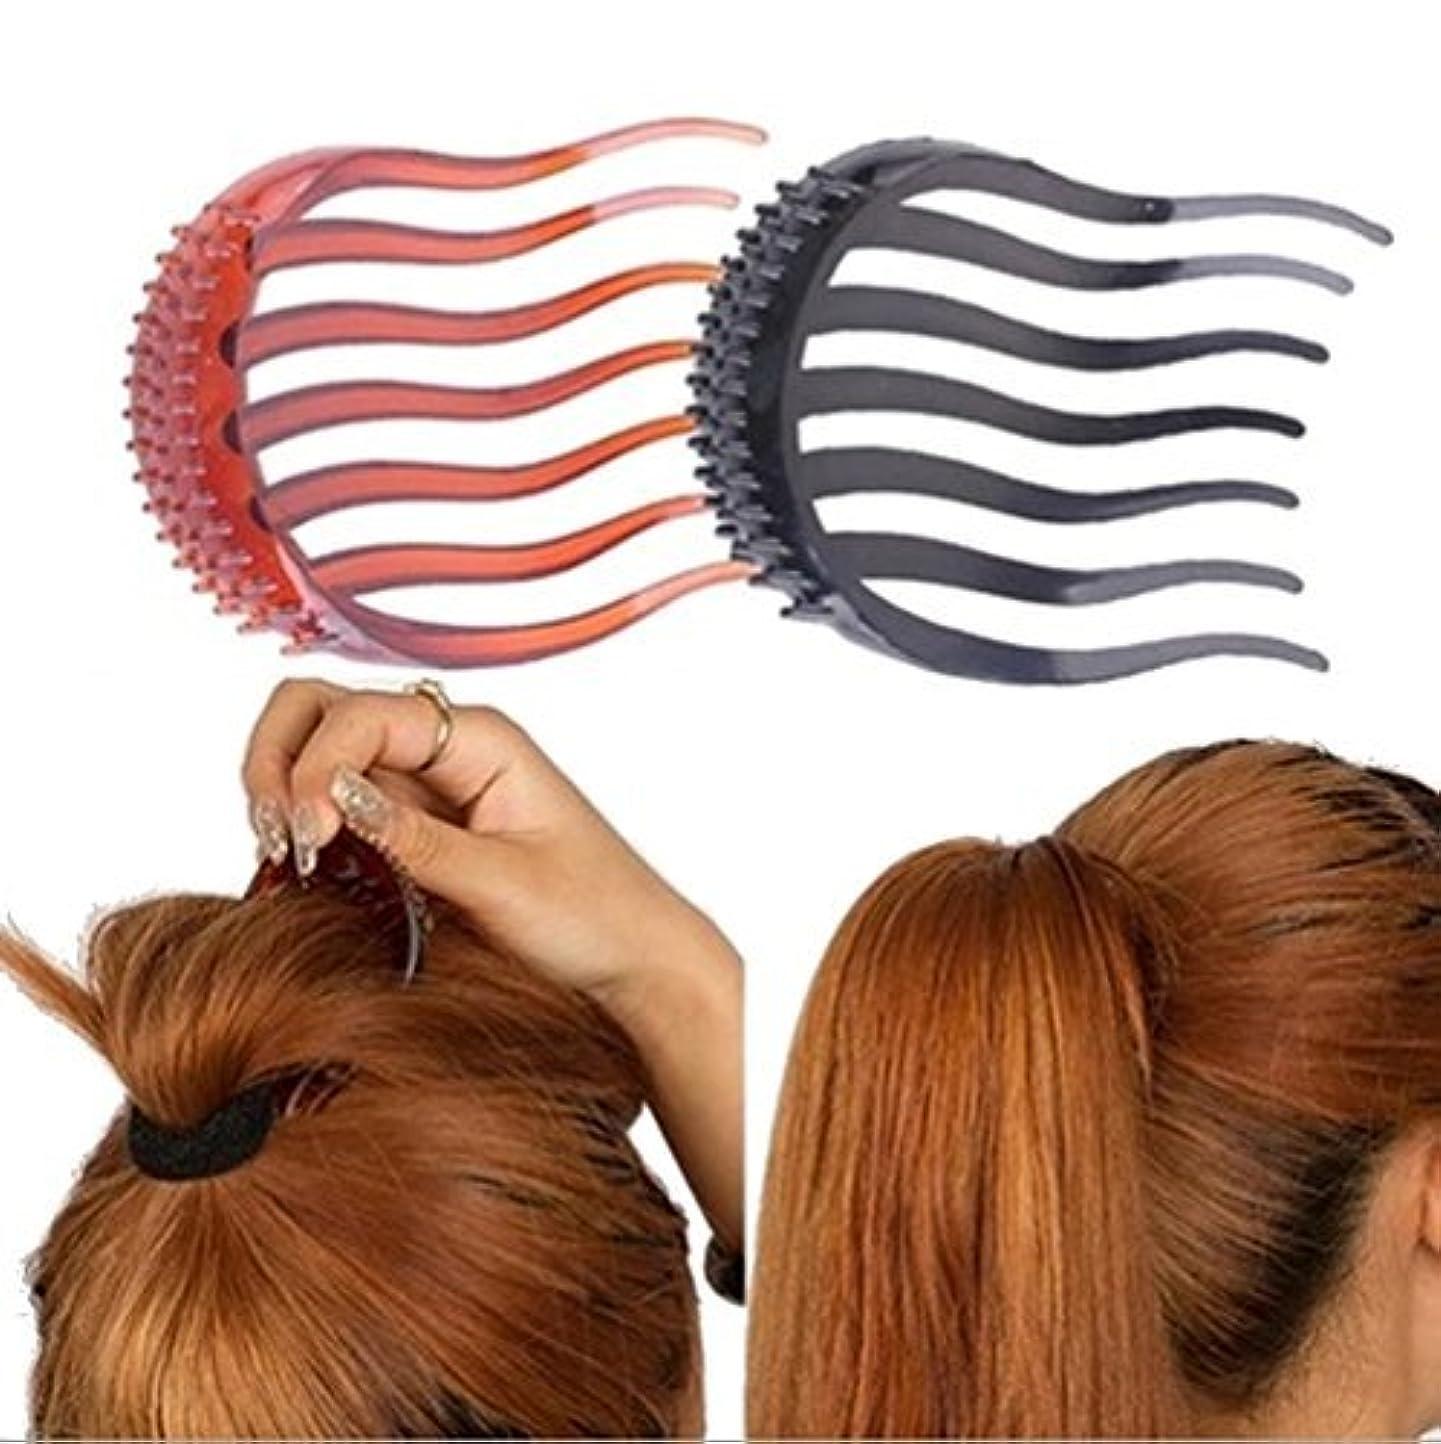 マッサージスクラップガード2Pcs Ponytail Bump it UP Hair Styling Insert Comb Fluffy Hair Comb (1Black+1Coffee) [並行輸入品]